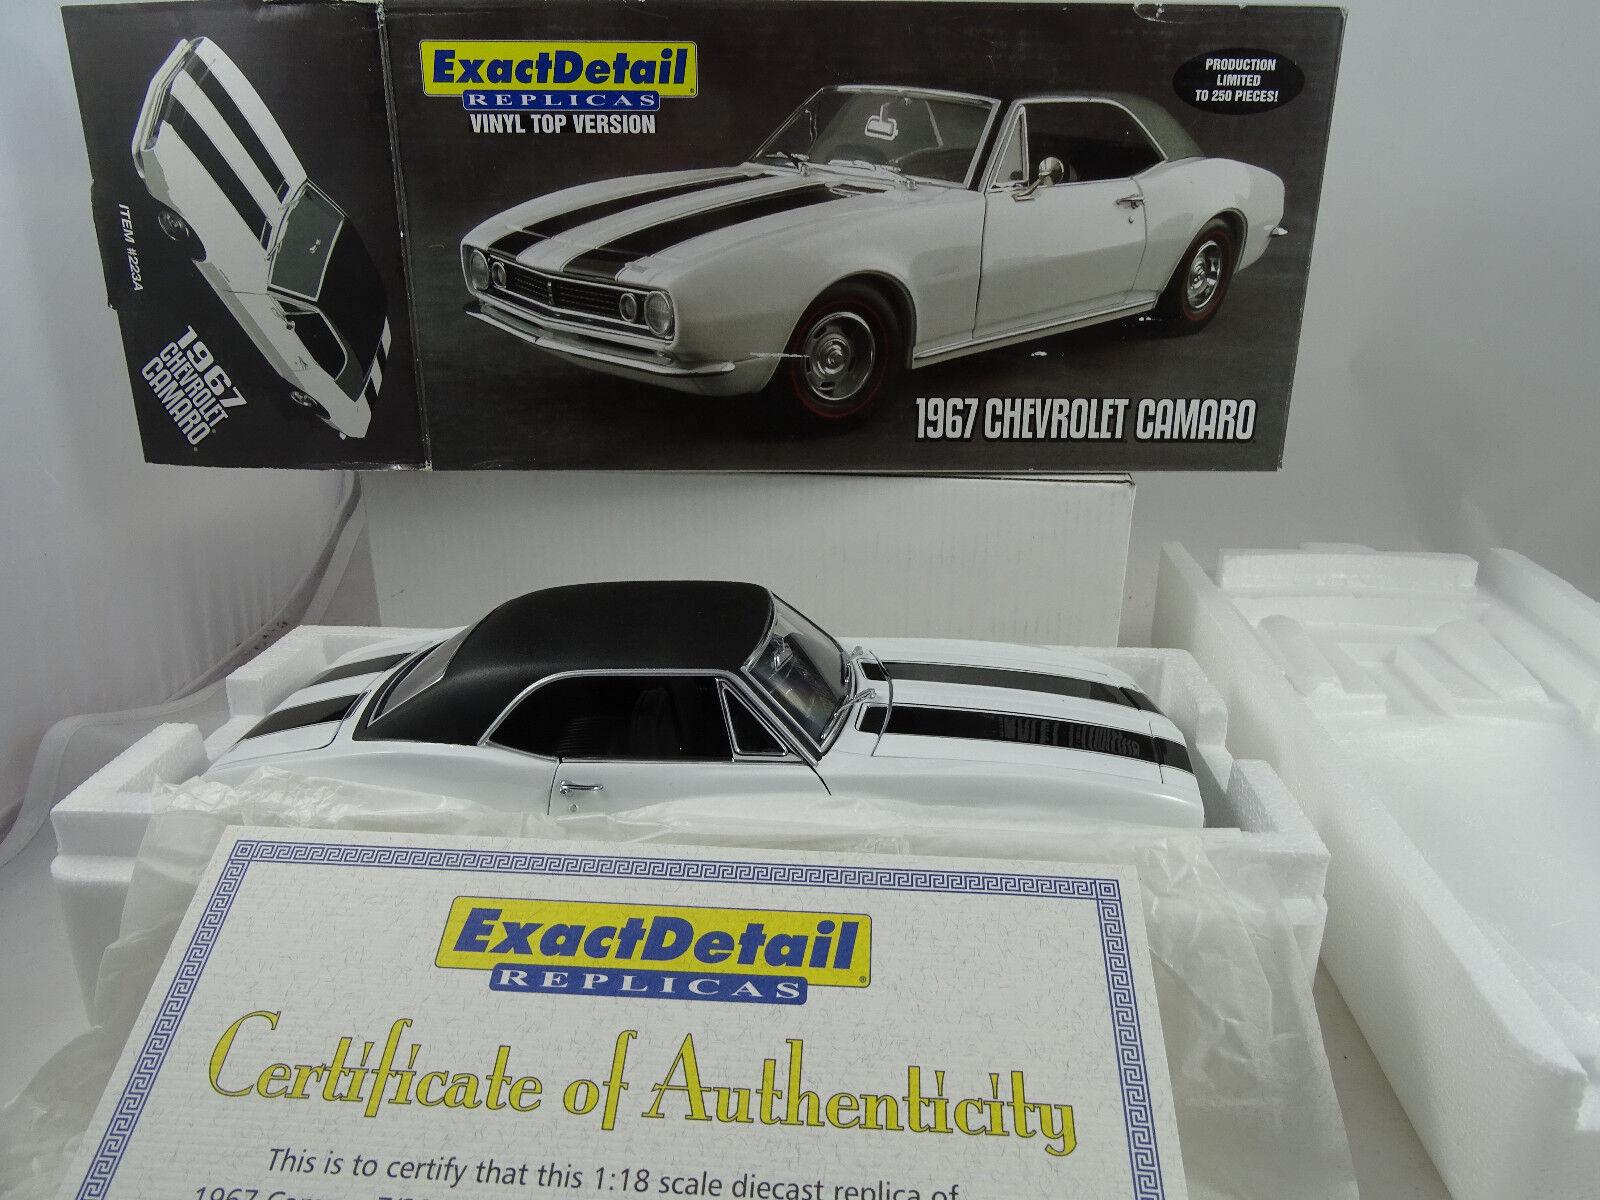 ecco l'ultimo 1 18 Exact Detail  223A Vinile Top 1967 1967 1967 Chevrolet Camaro Lmtd. 1 Of 250 Rarità  nelle promozioni dello stadio